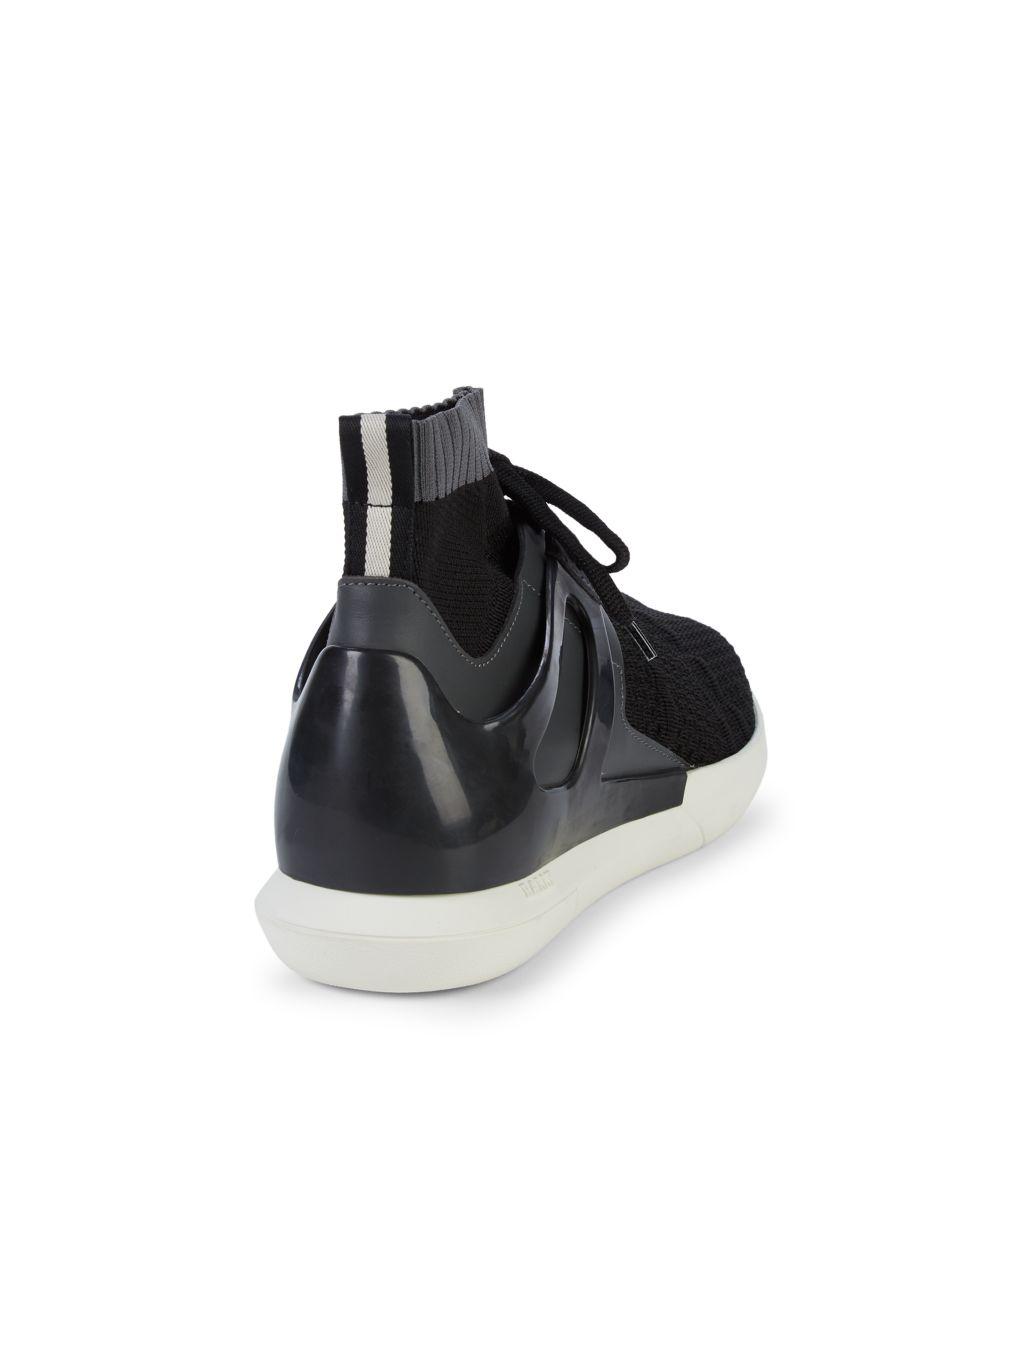 Bally Avallo Mesh Sneakers